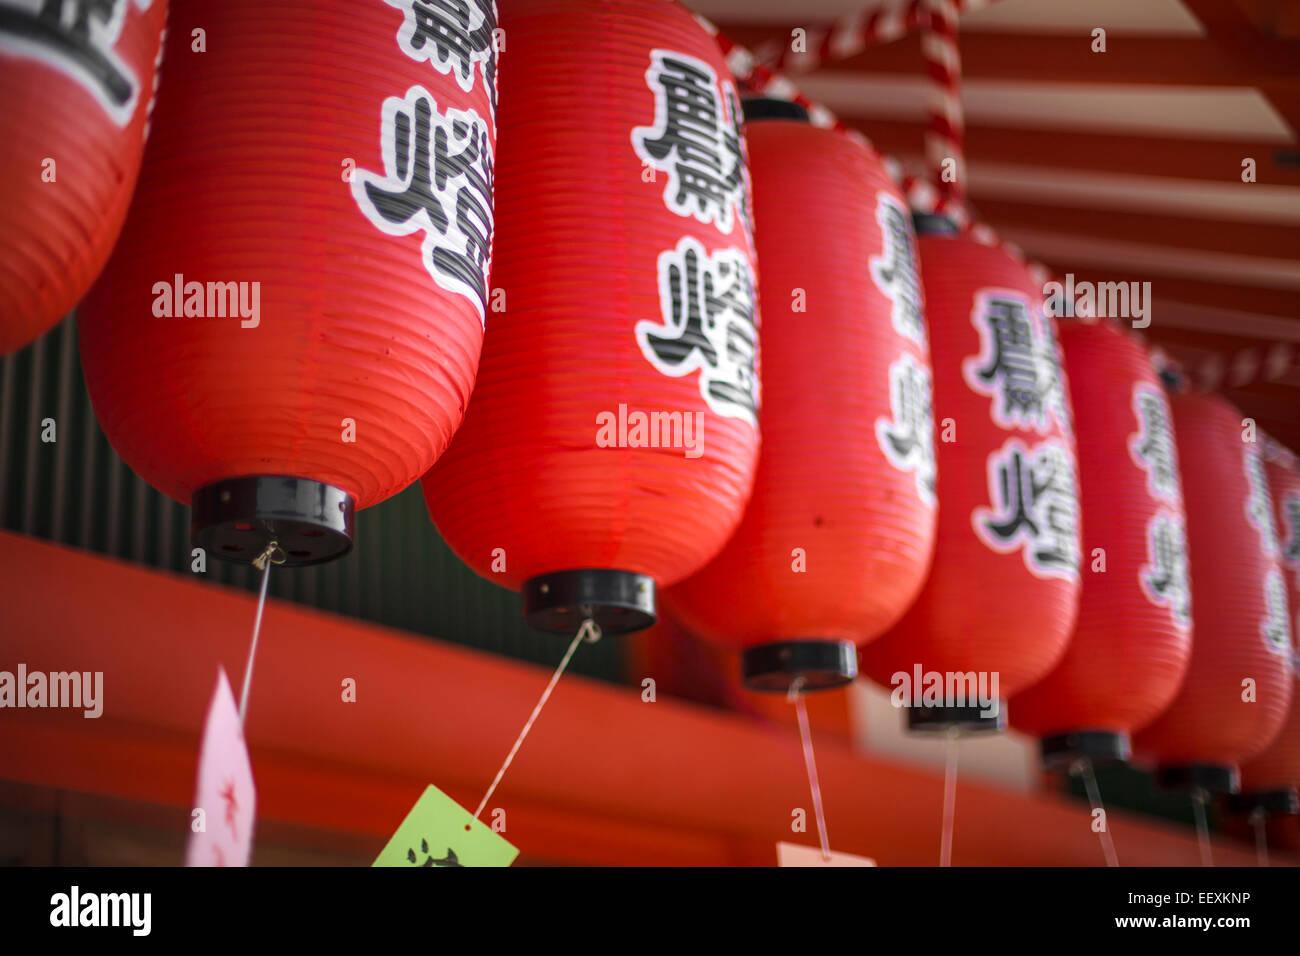 Red Lanterns in kyoto japan - Stock Image